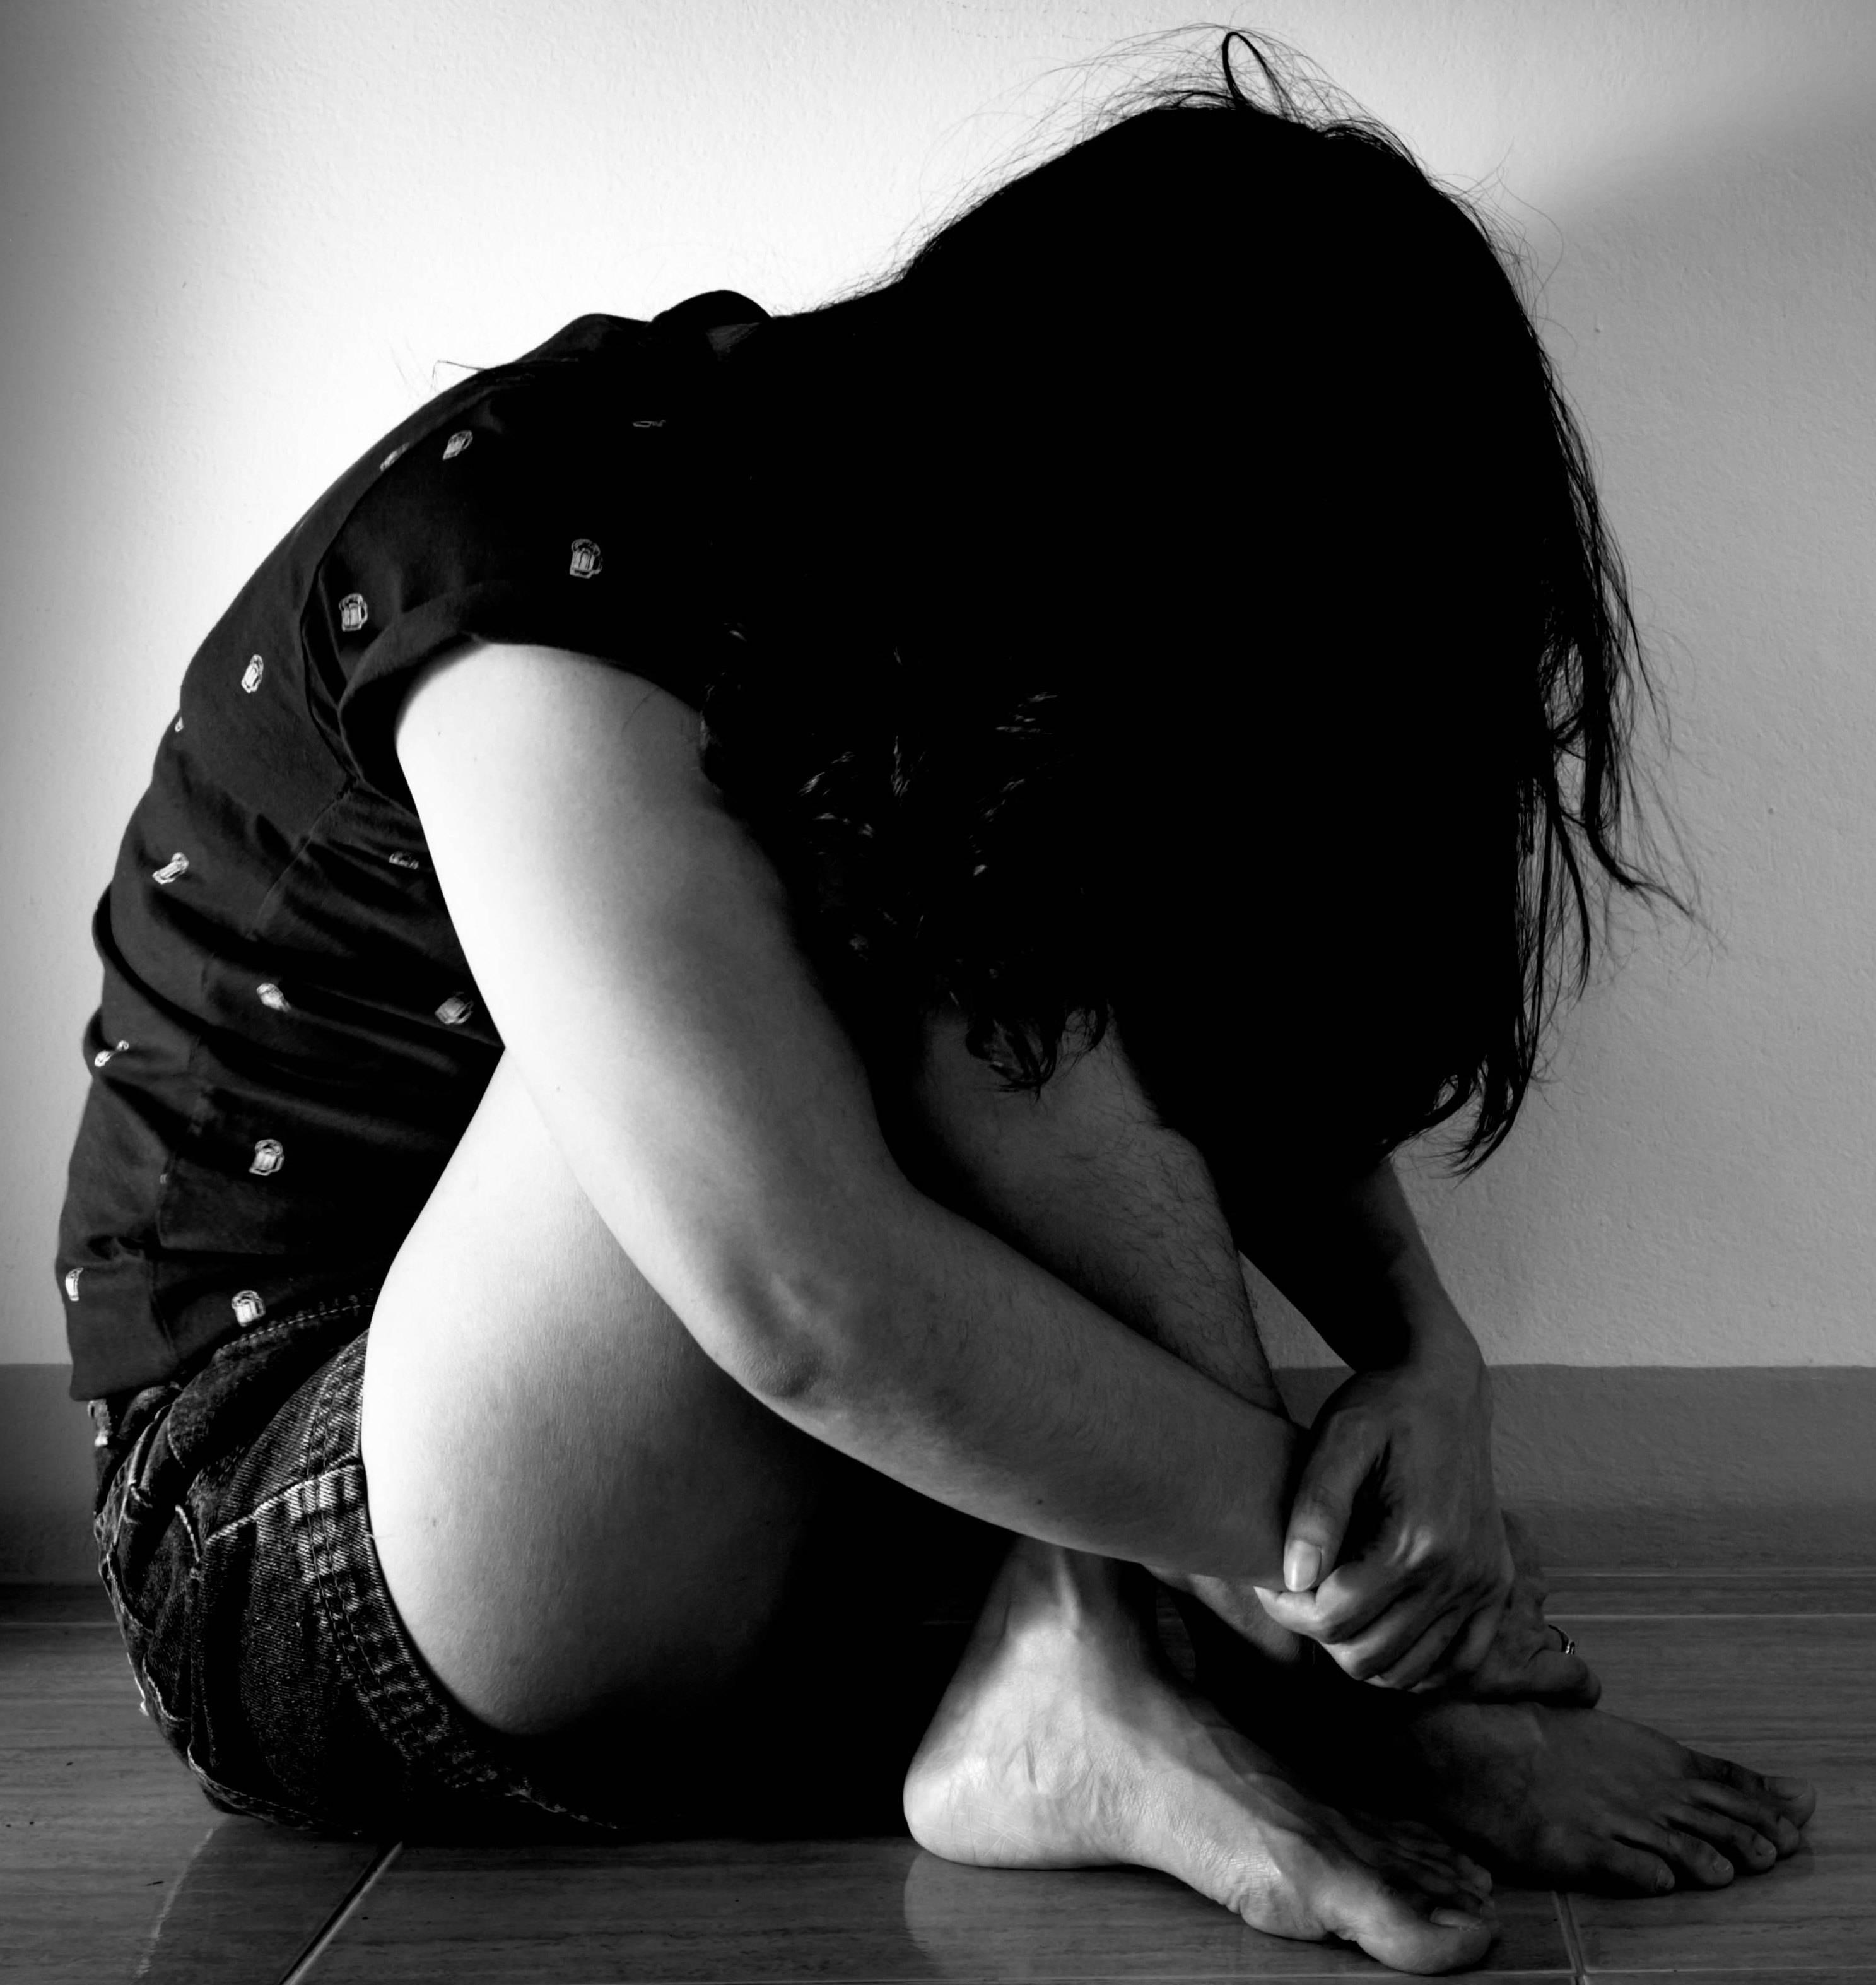 15f92948b608b1a1bbee_Anti-Sex_Trafficking_-CROP.jpg